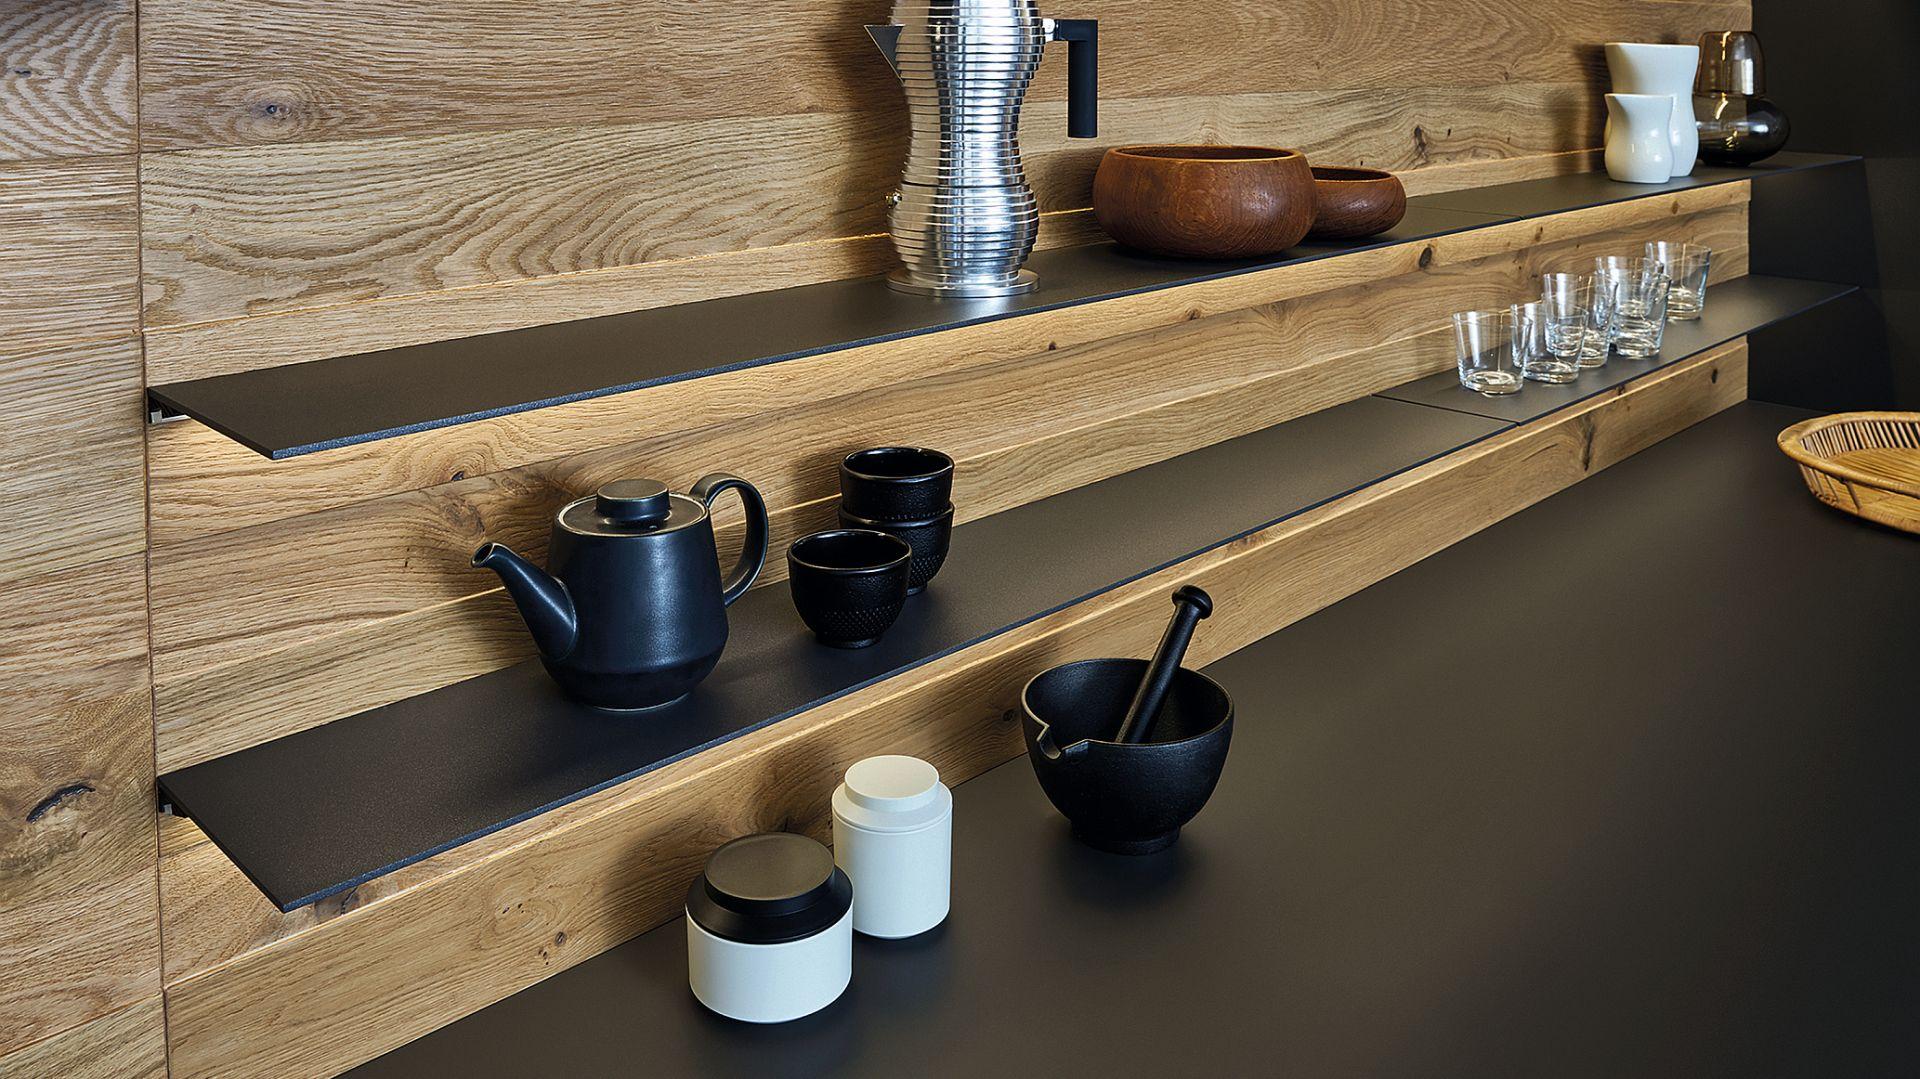 Przechowywanie W Kuchni 12 Dobrych Rozwiązań